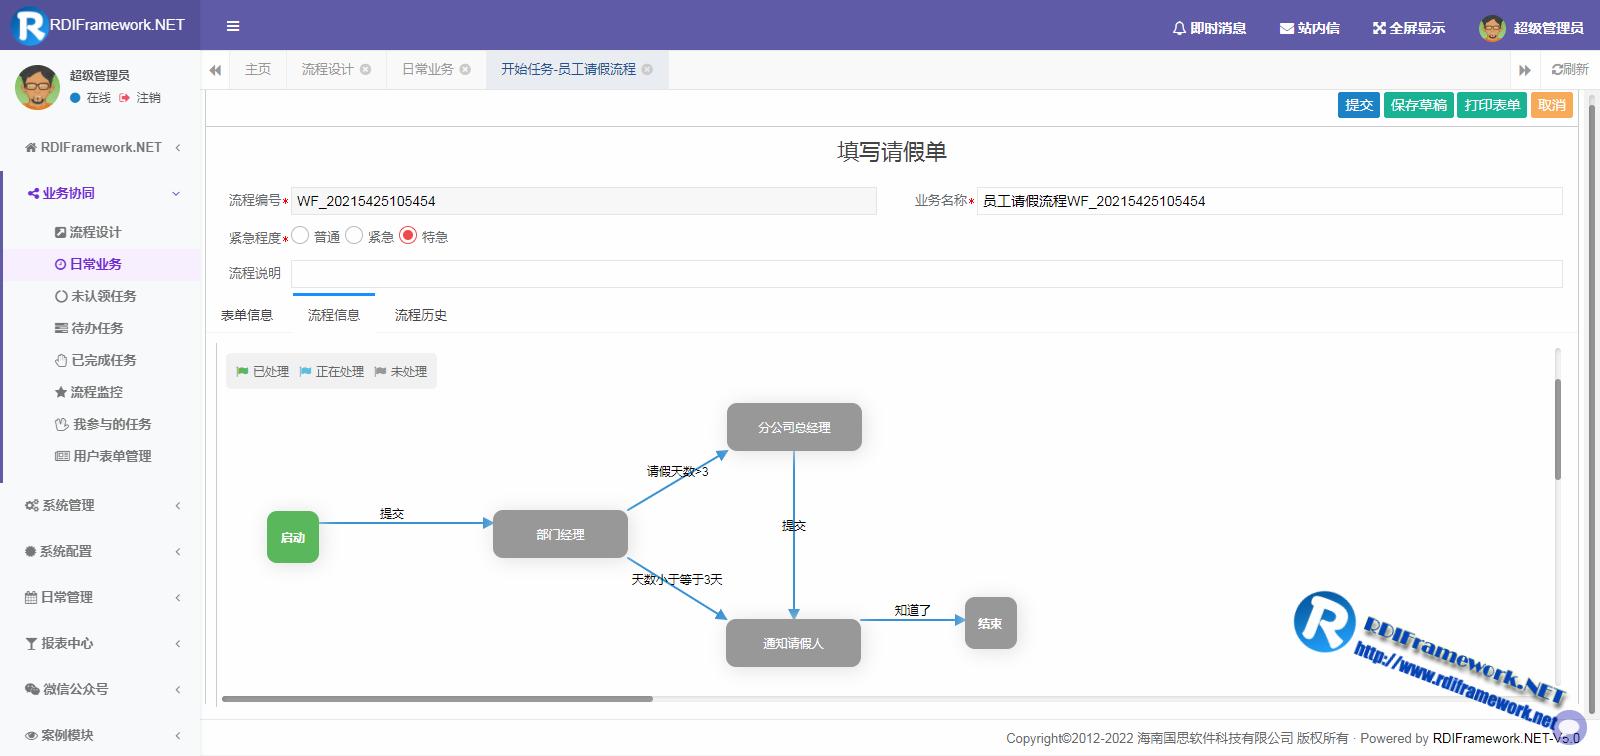 Web业务平台-日常业务-启动任务-流程信息